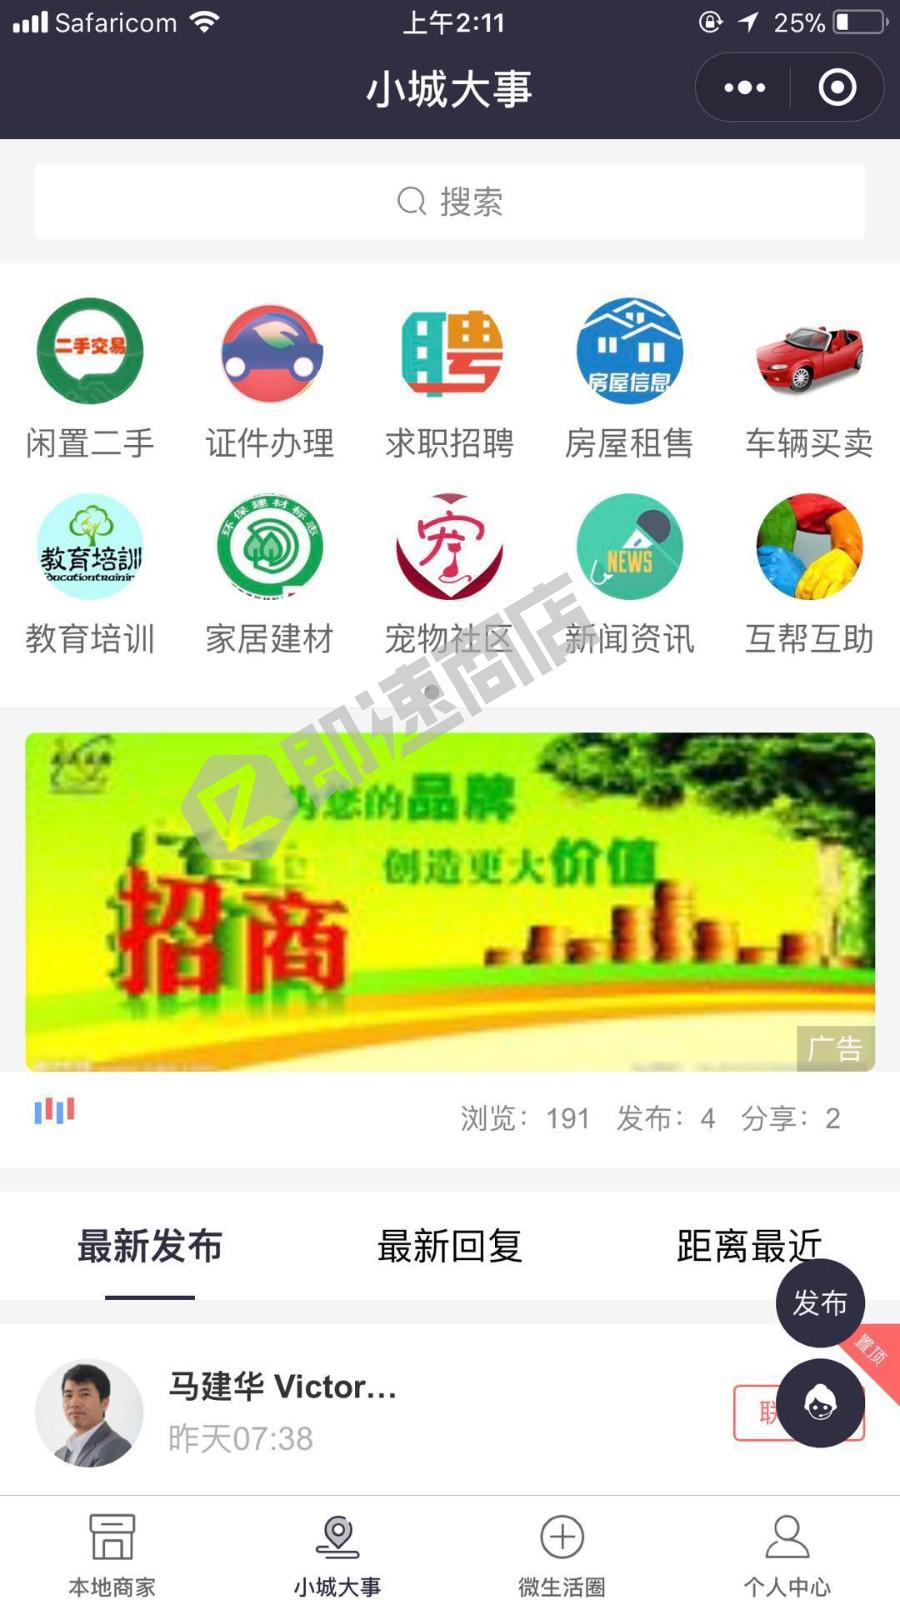 肯尼亚华人联盟小程序列表页截图